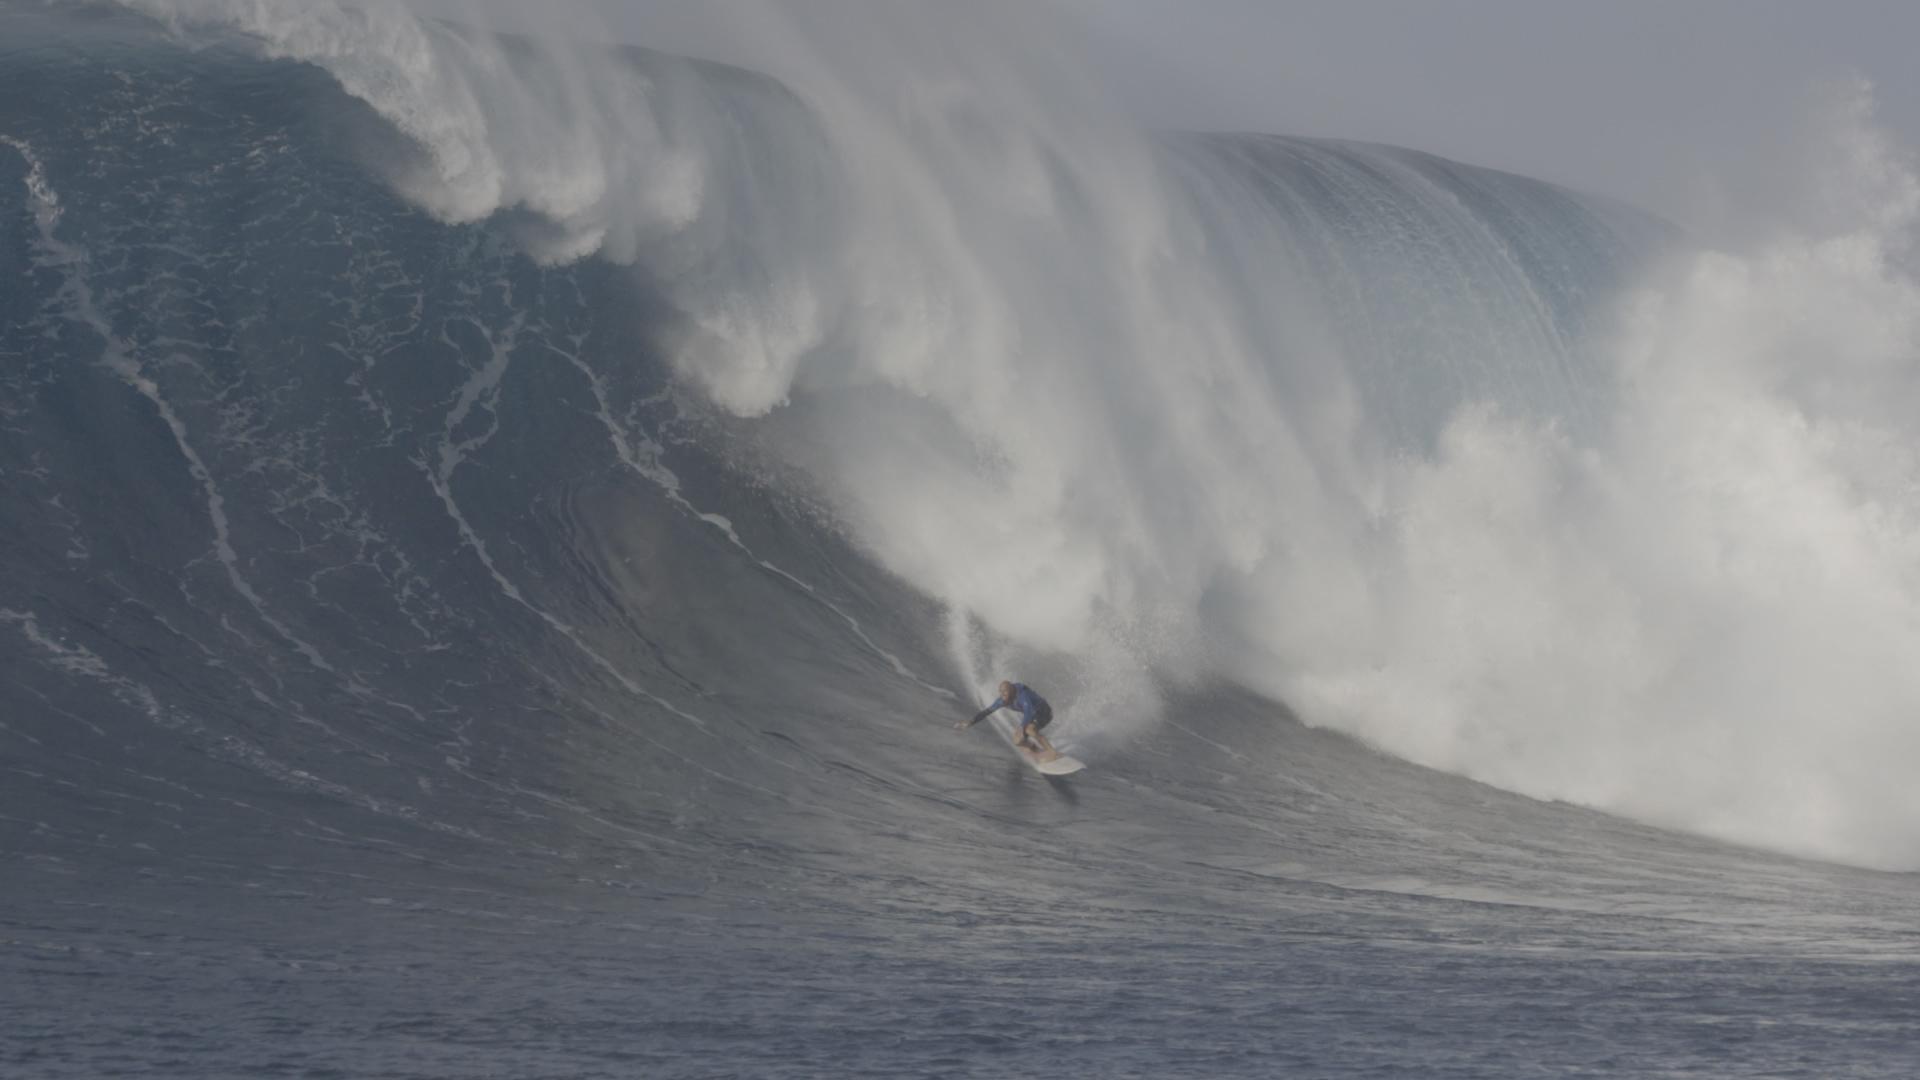 Ob der Surfer schneller als die Welle ist oder umgekehrt, erfährst du um 11 Uhr im TV.